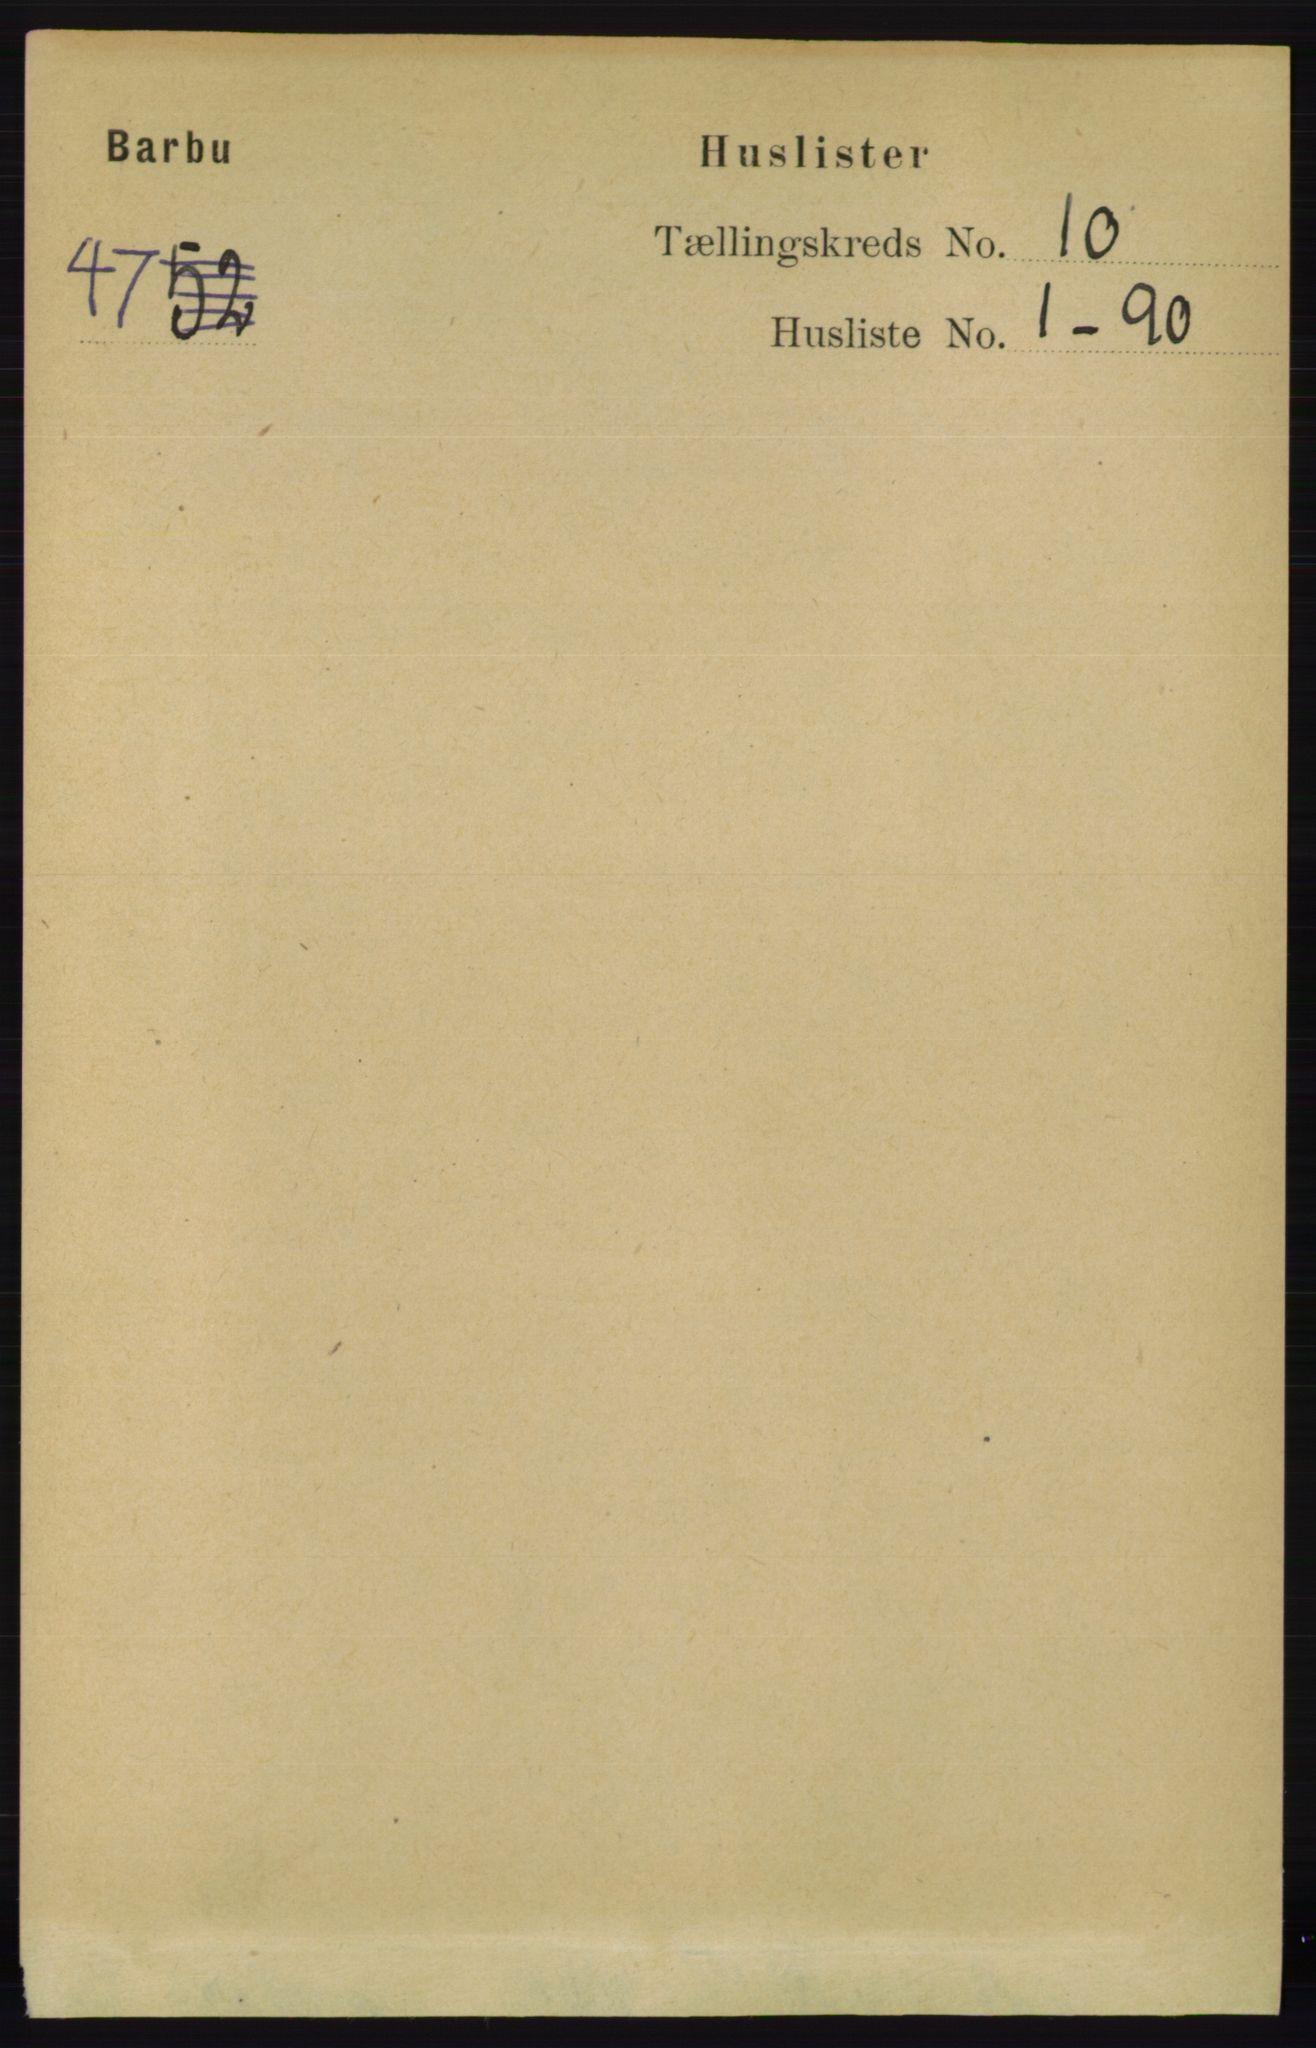 RA, Folketelling 1891 for 0990 Barbu herred, 1891, s. 7799